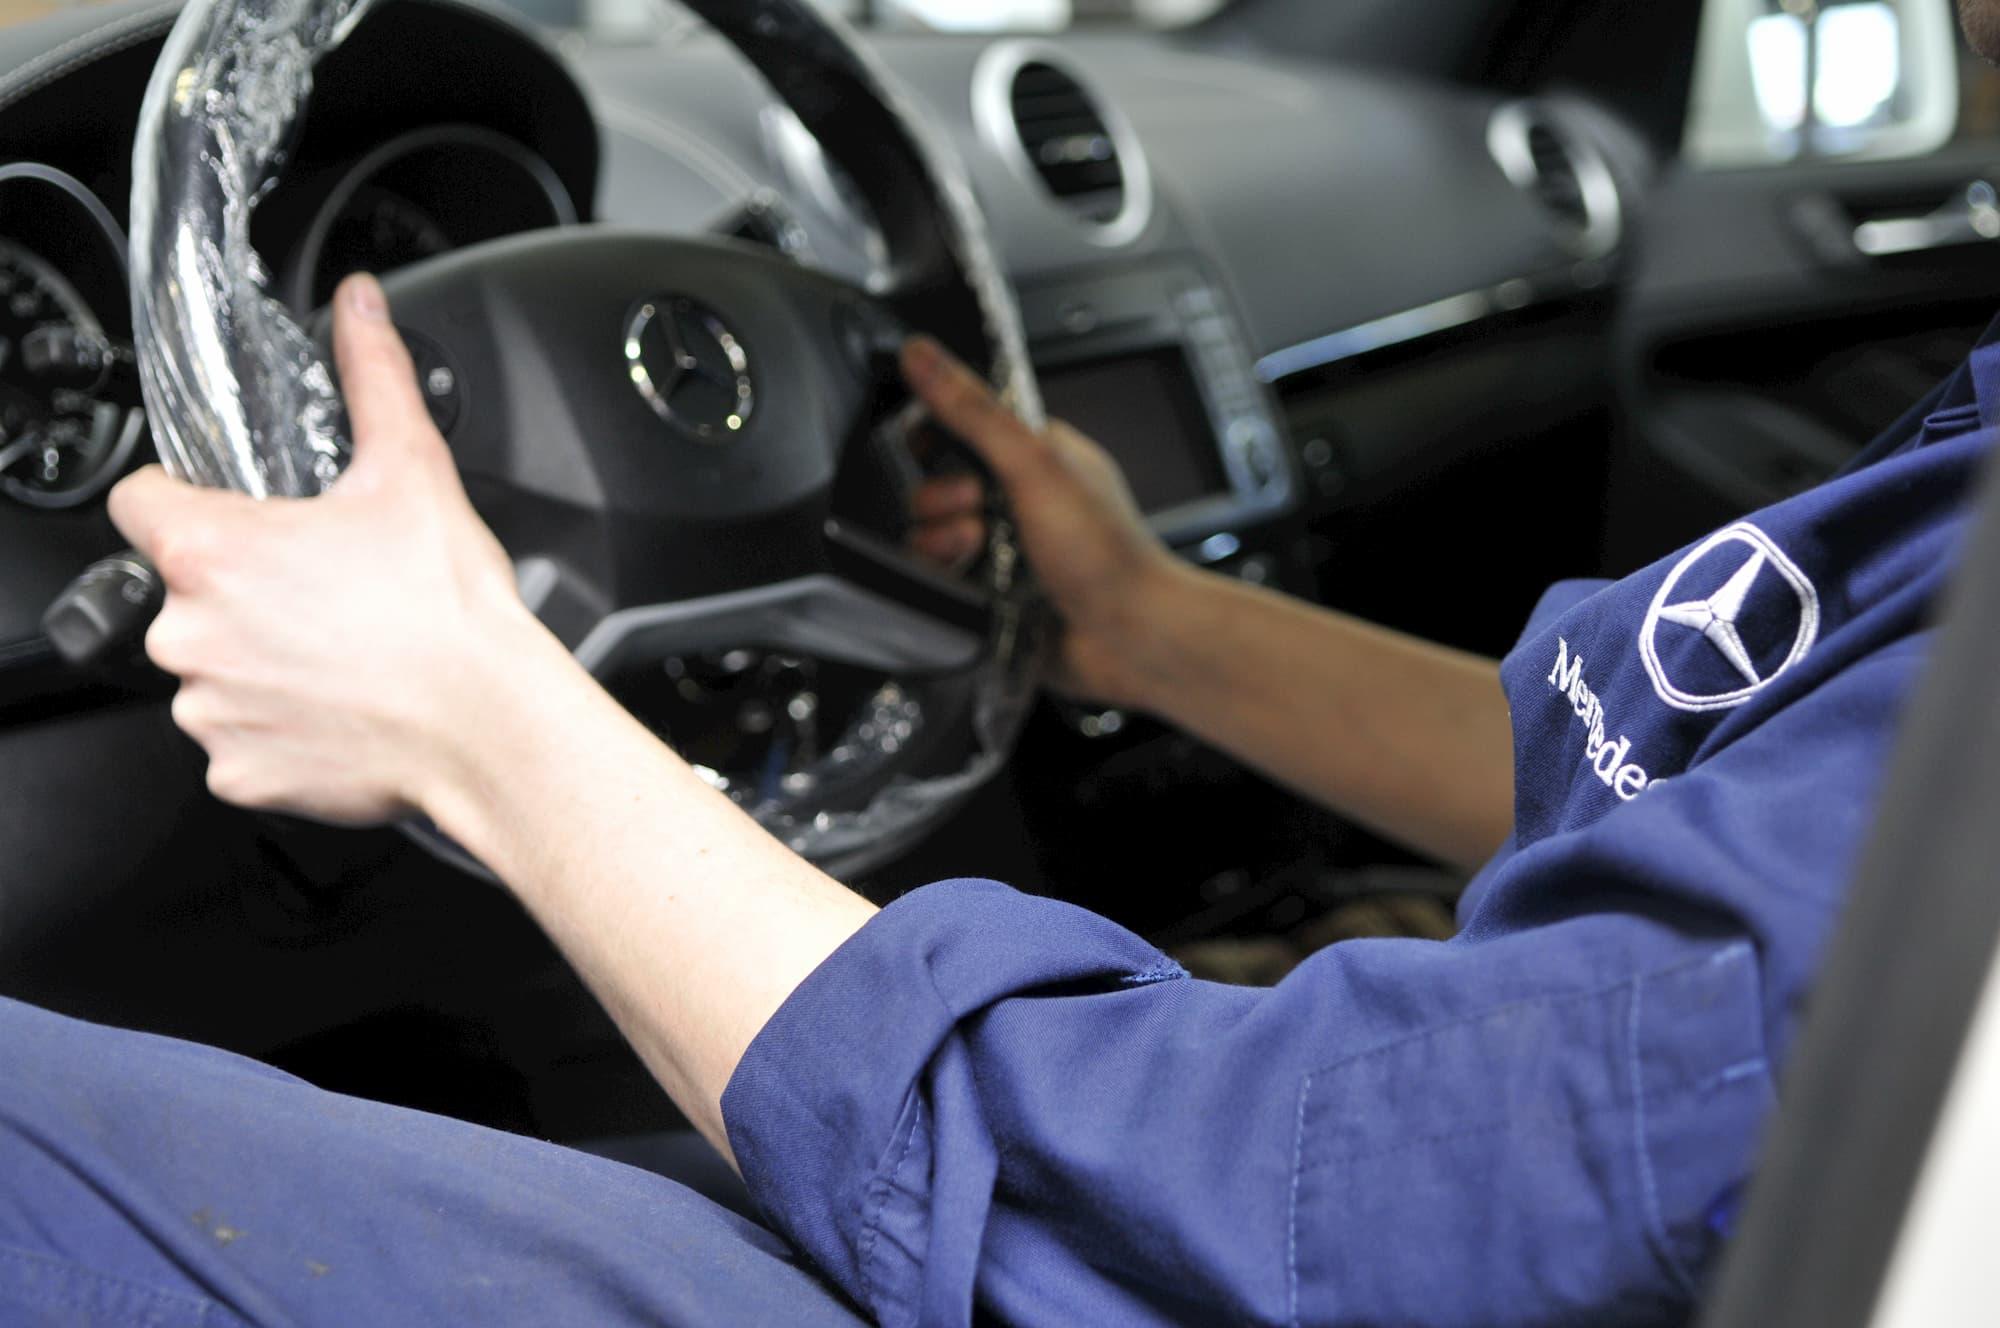 Reportage photos au sein de la concession Mercedes-Benz DAVIS à Dreux